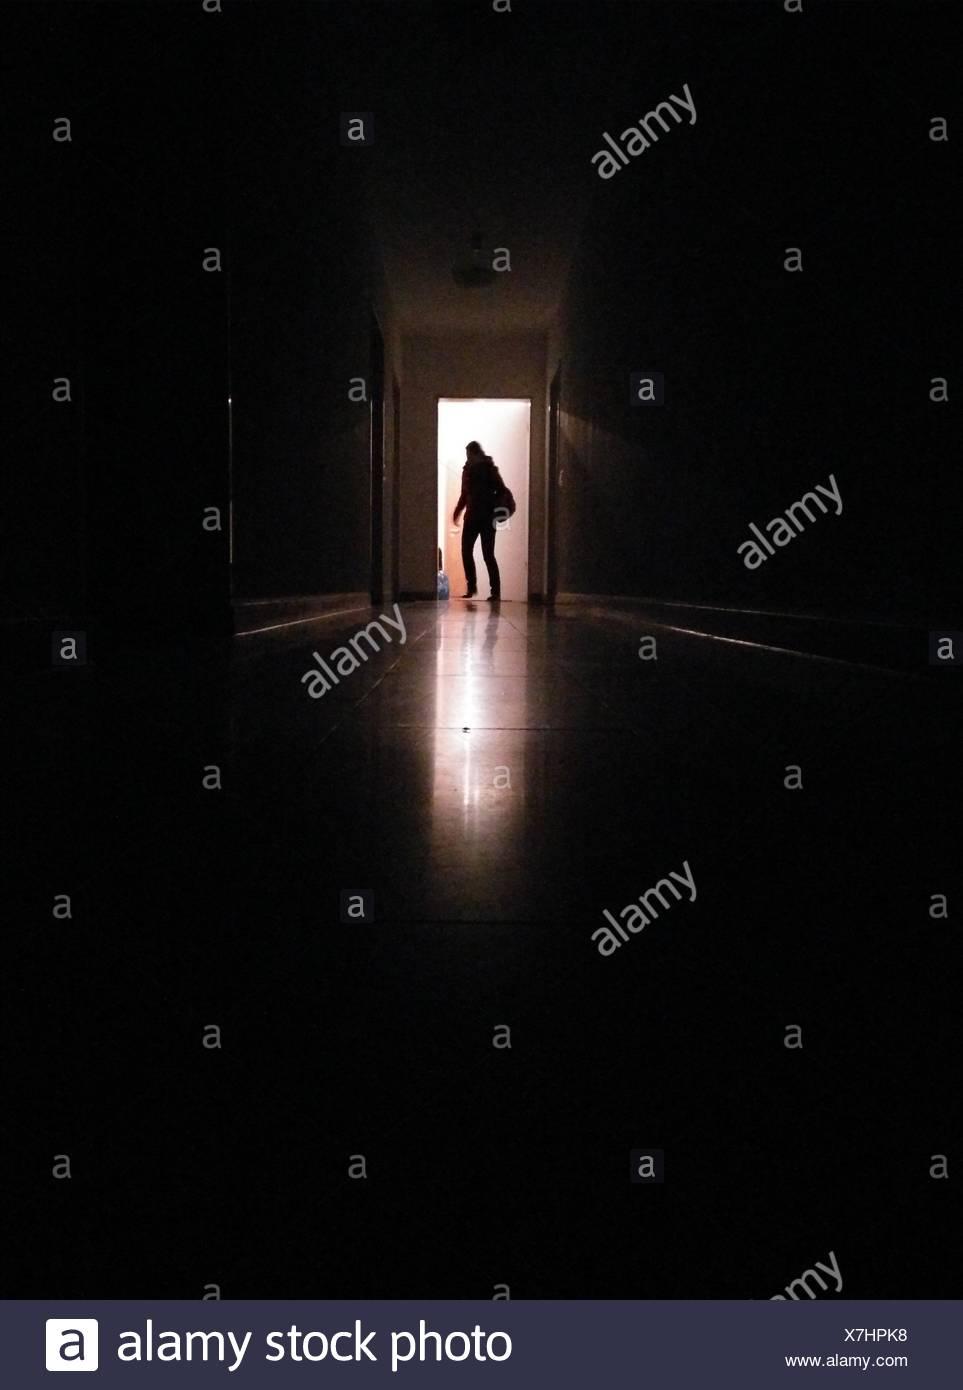 Silhouette persona nel corridoio entrando in camera illuminata Immagini Stock